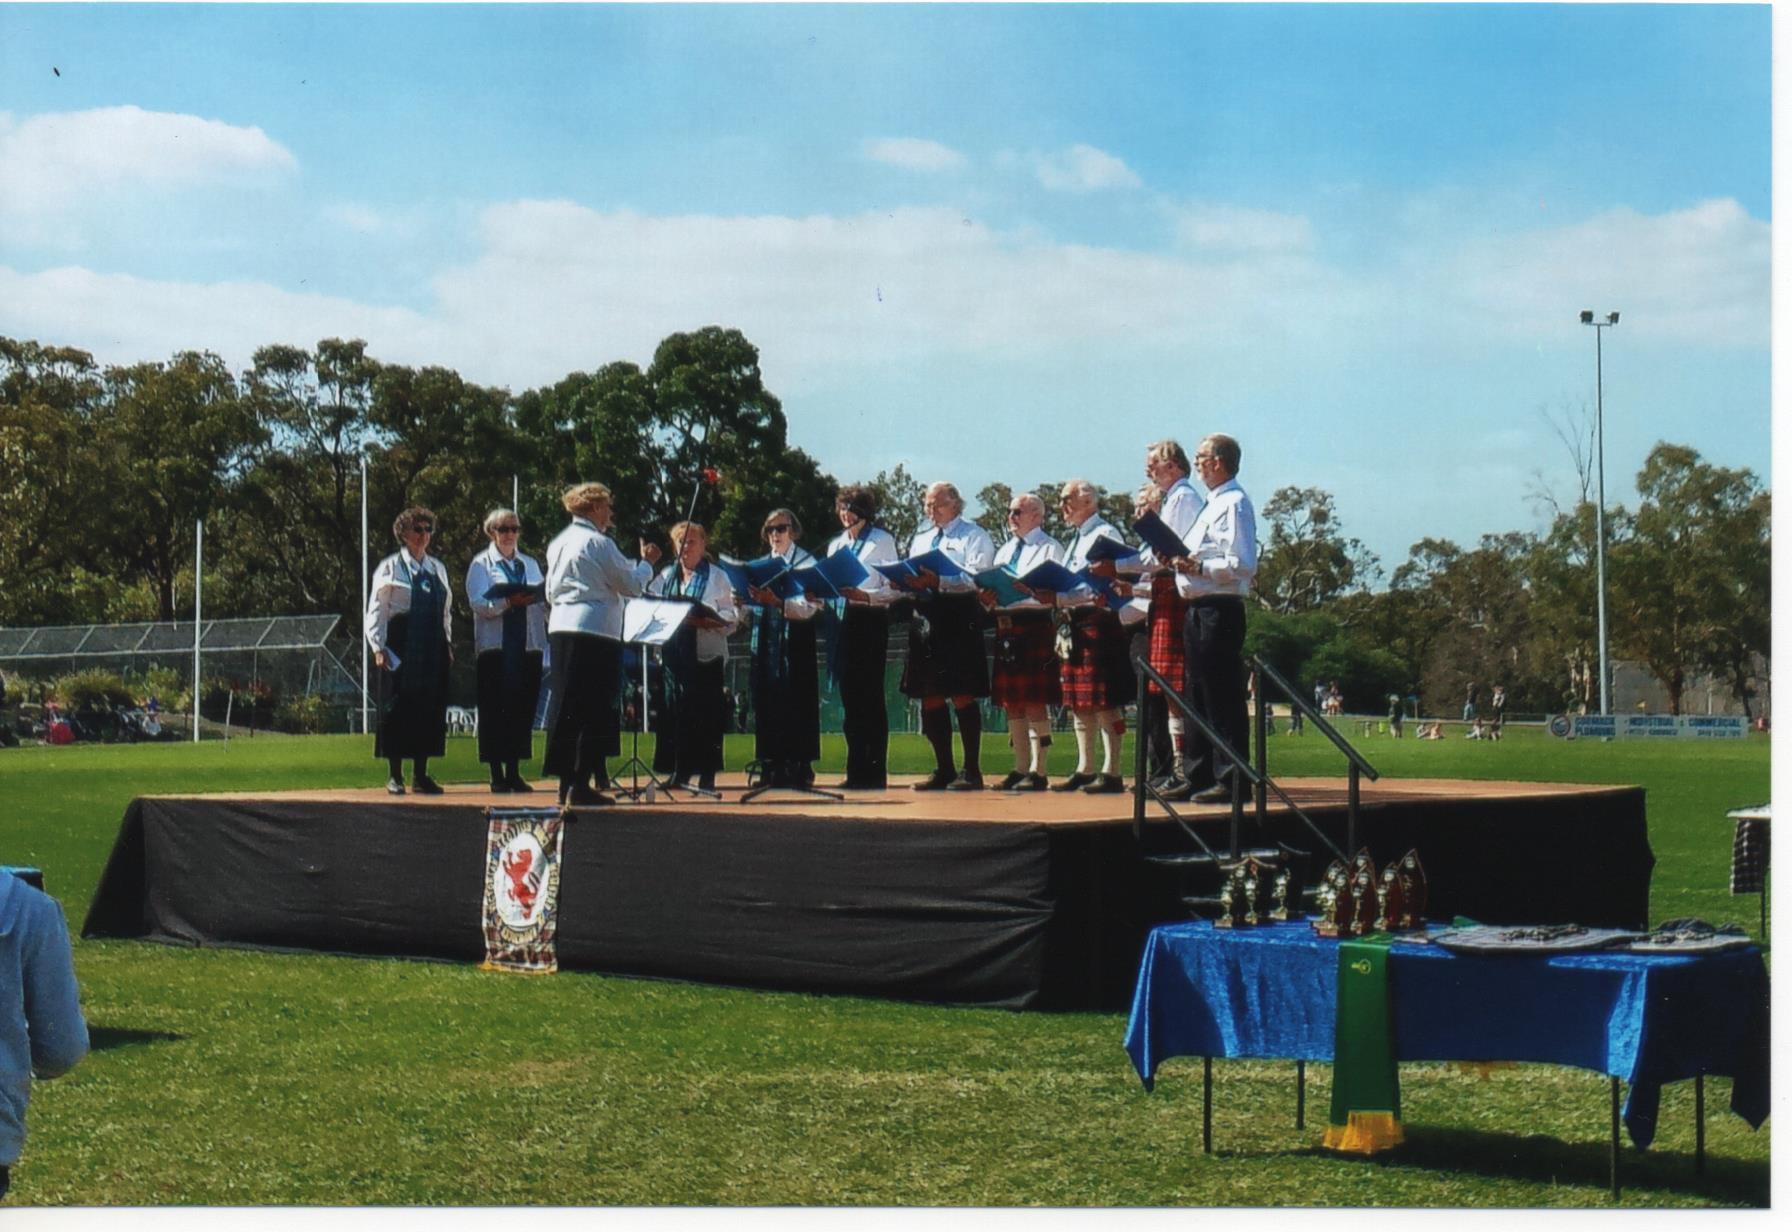 Choir singing at Ringwood 03-04-2016.jpg